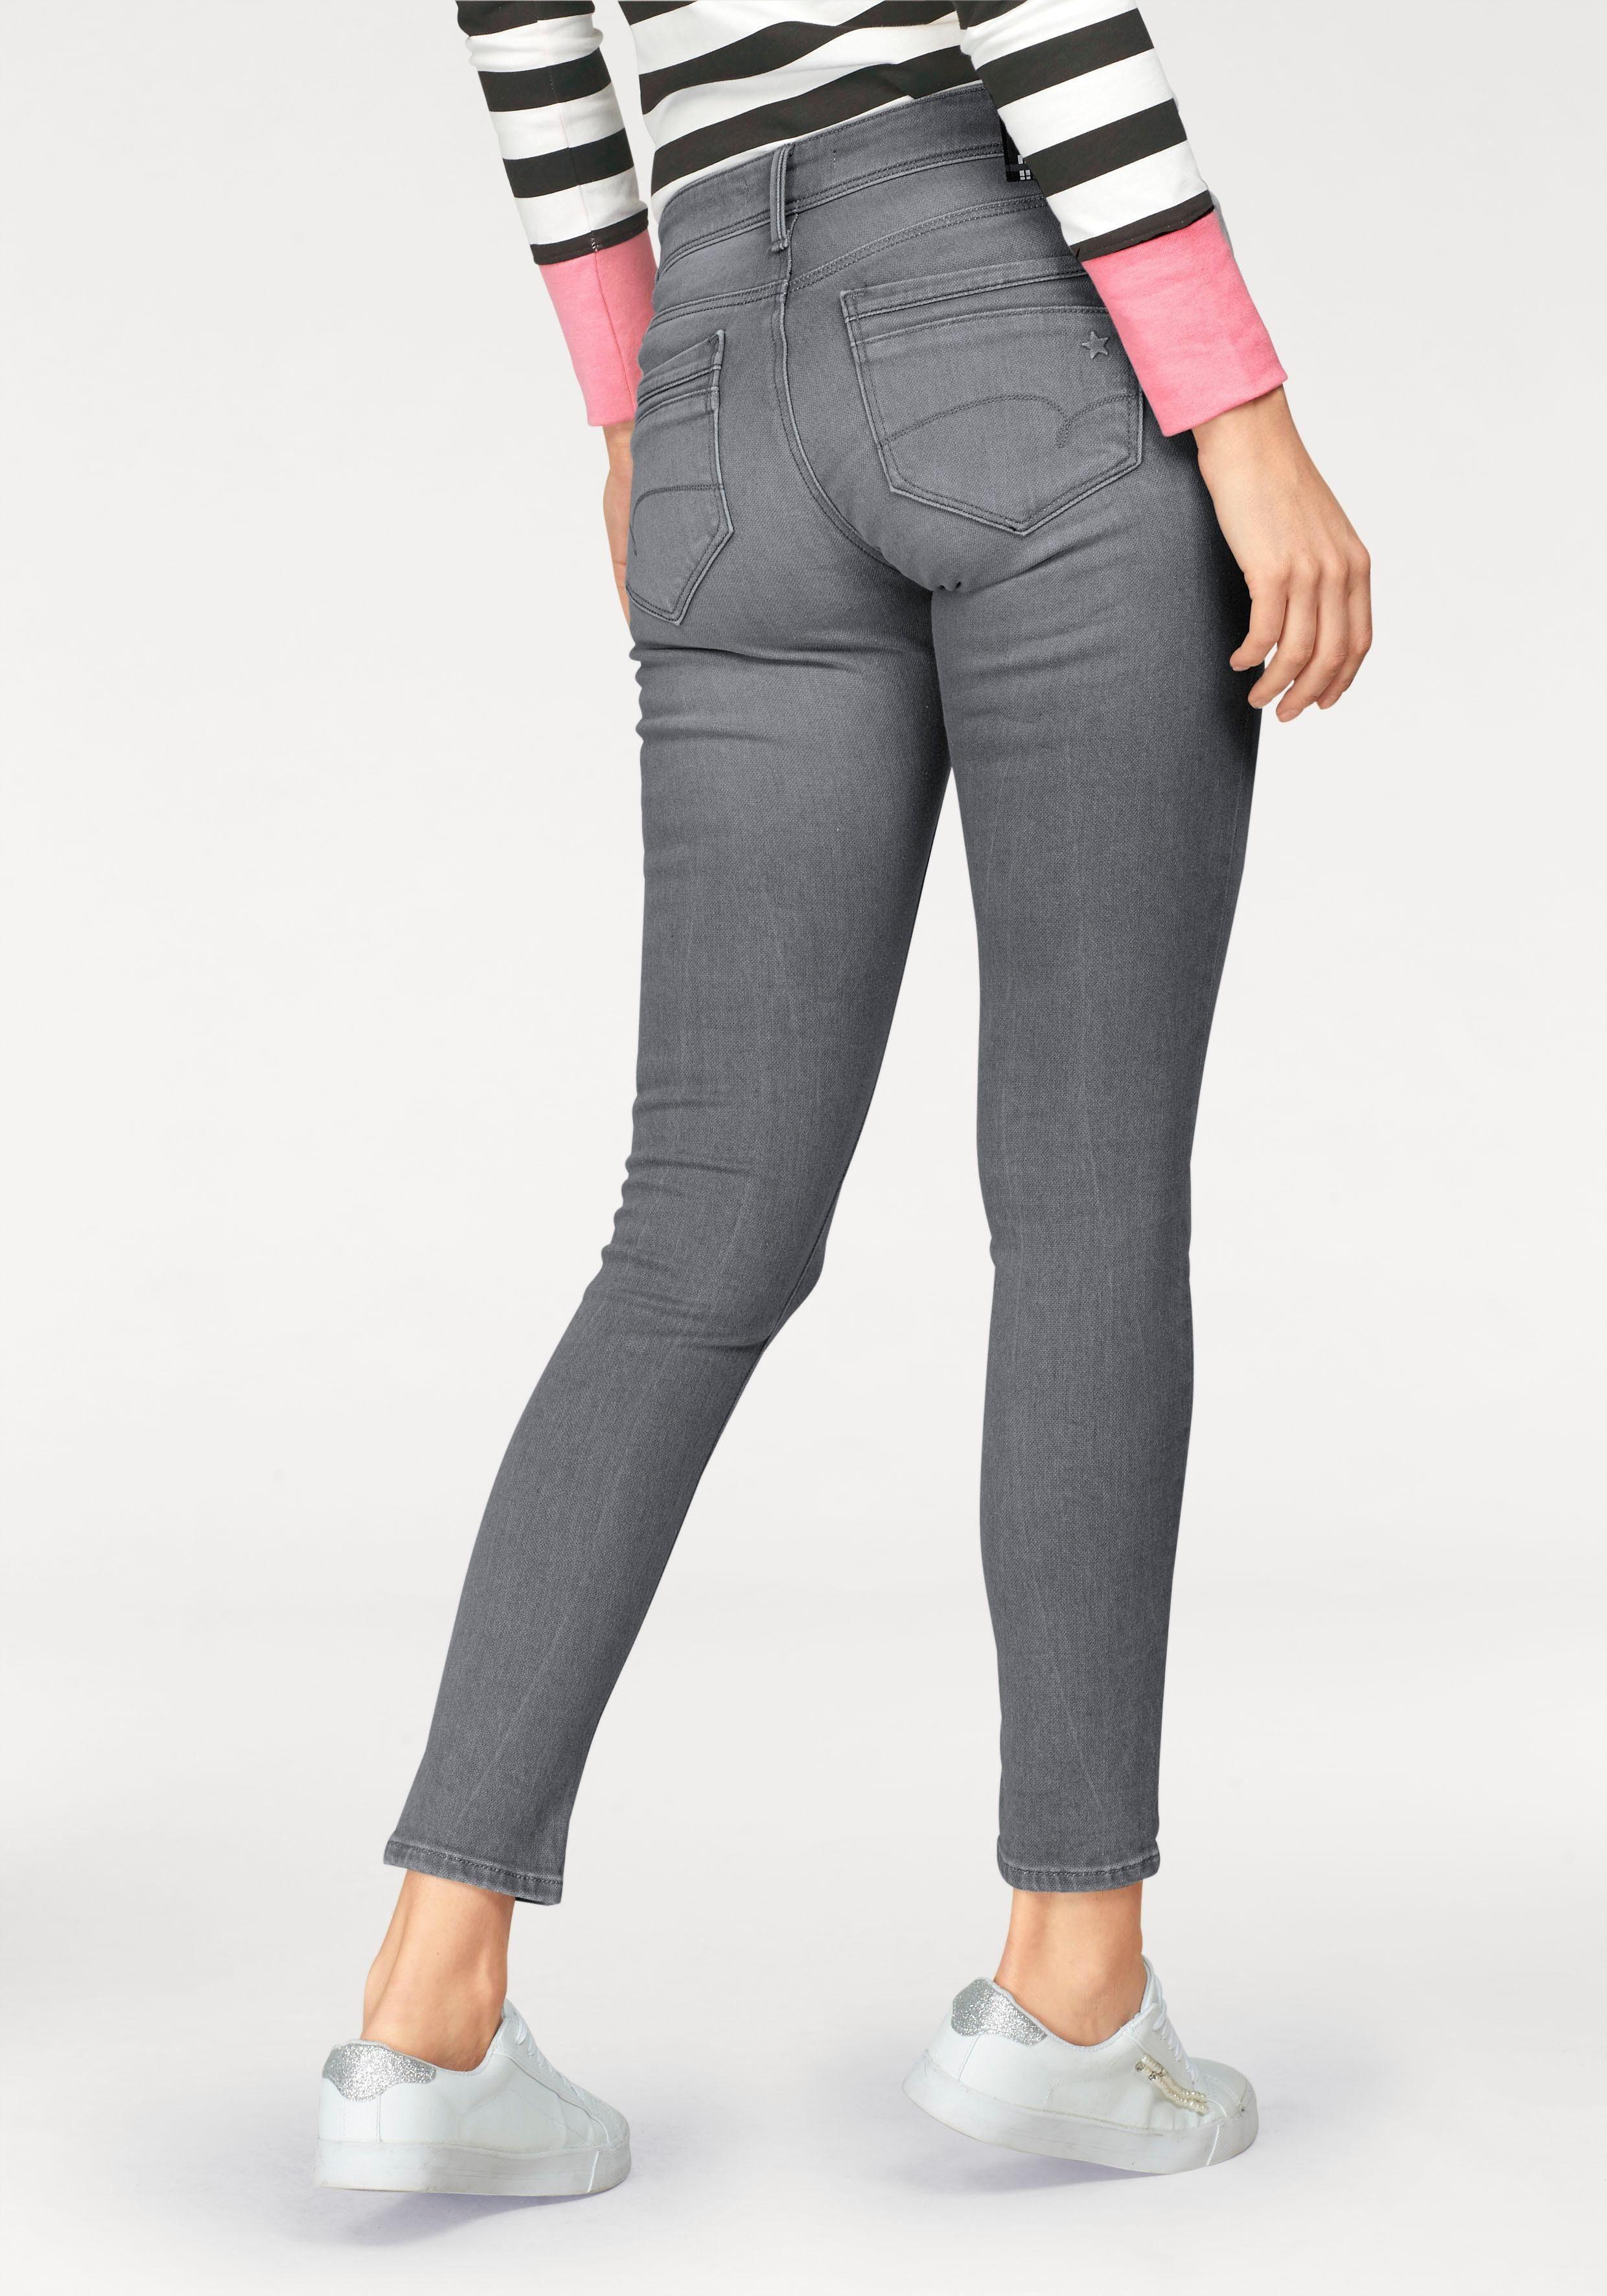 Mavi »lexy« GevondenOtto Skinny Jeans Fit Makkelijk Y76fgby